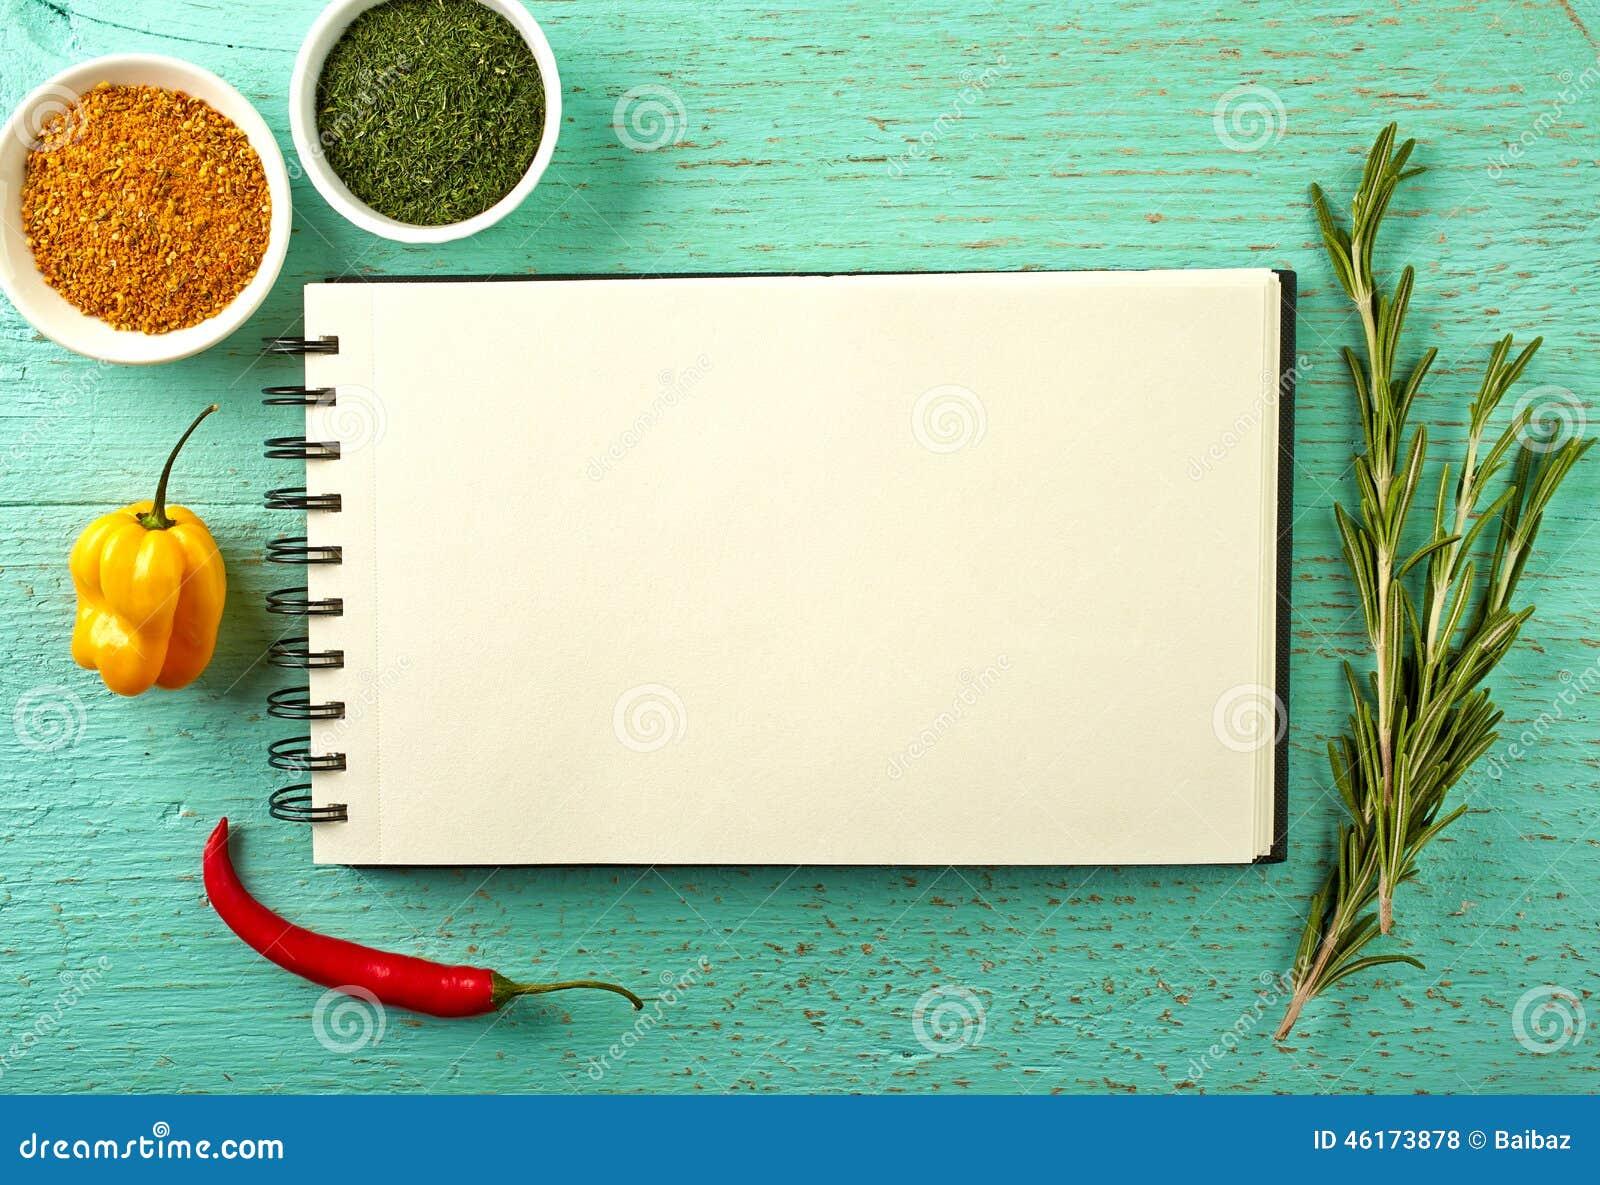 ppt 背景 背景图片 边框 模板 设计 相框 1300_980图片